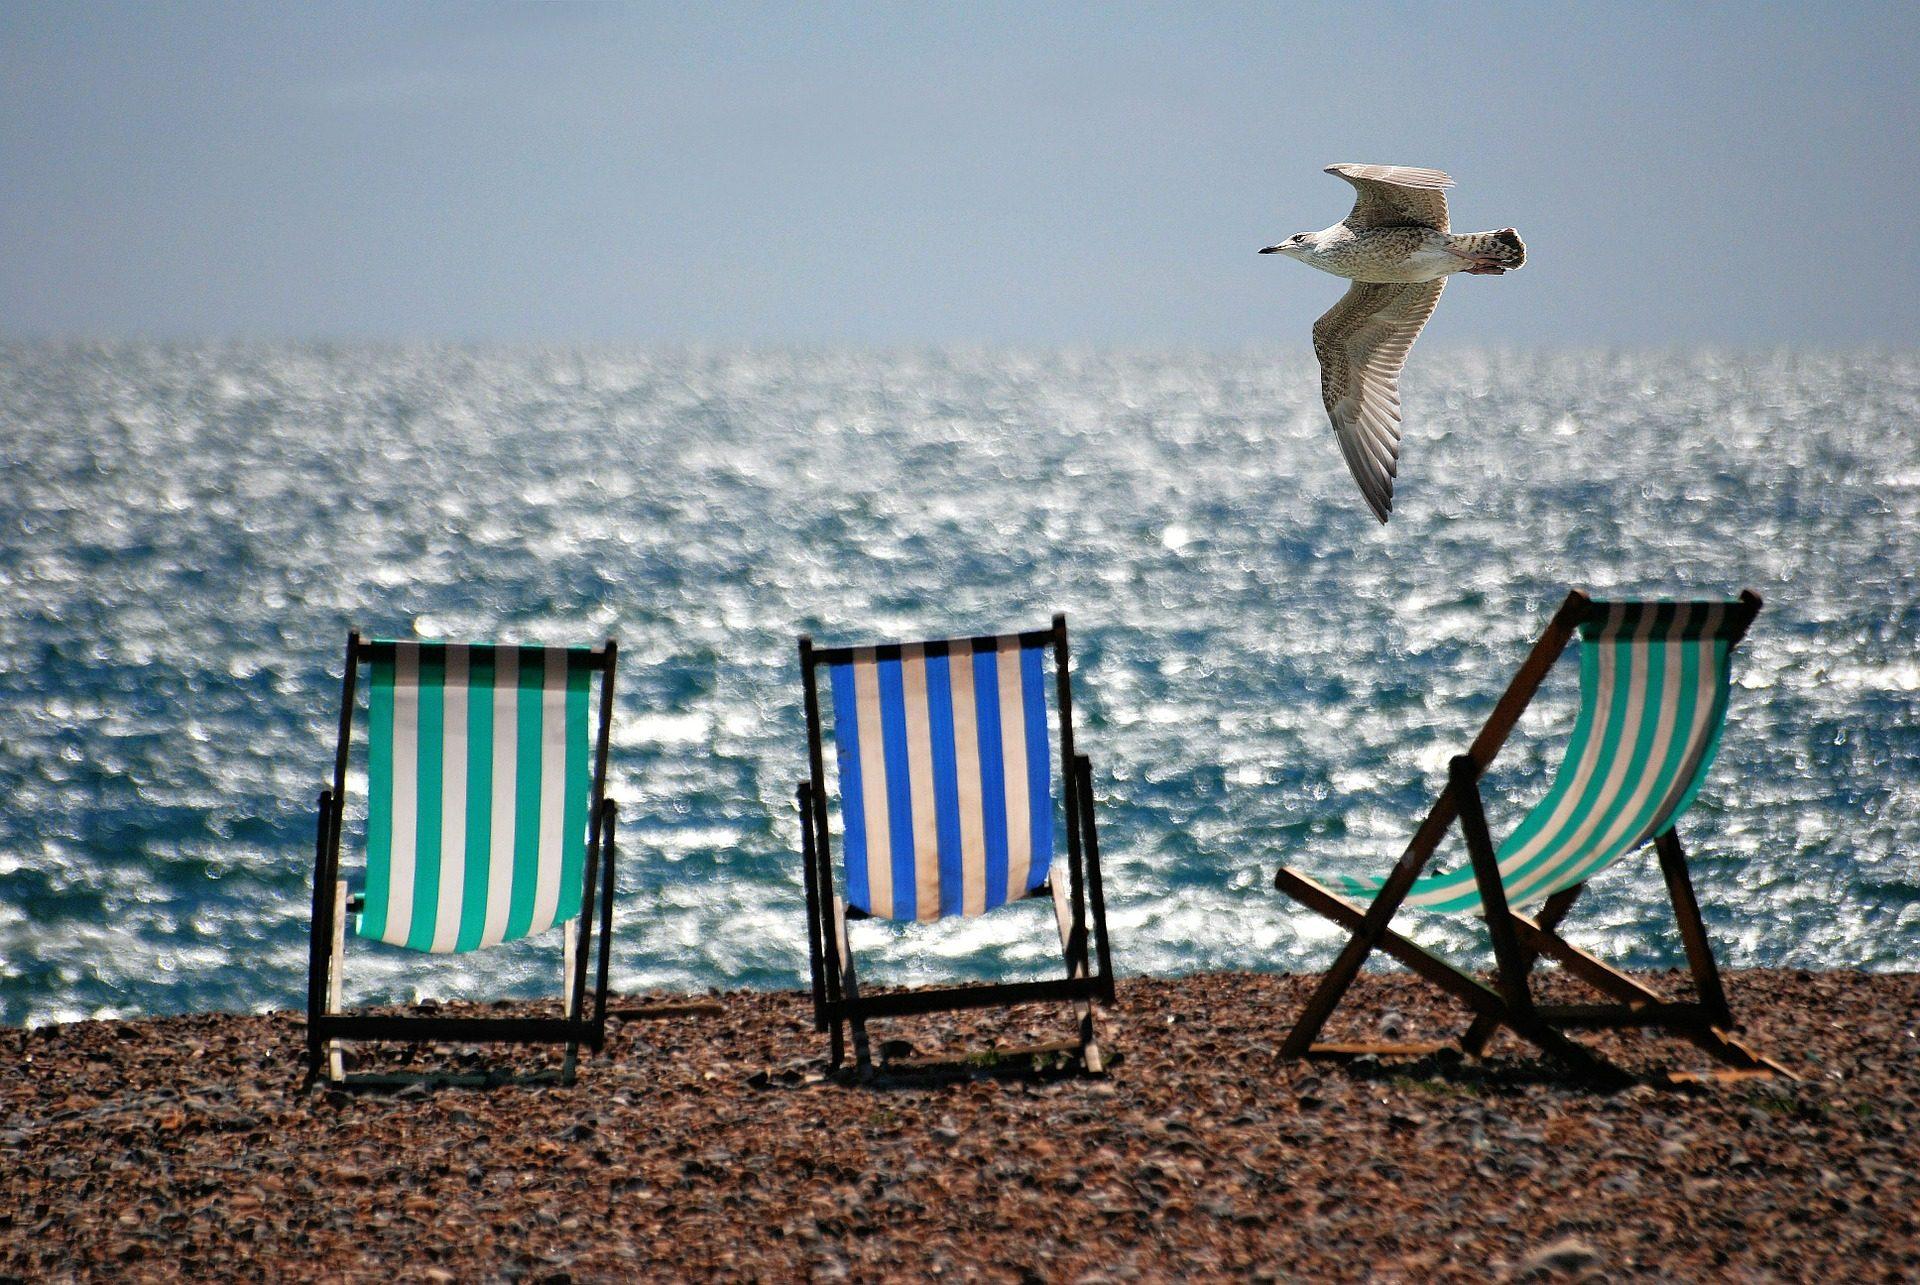 καρέκλες, Παραλία, Γλάρος, πέτρες, Θάλασσα - Wallpapers HD - Professor-falken.com